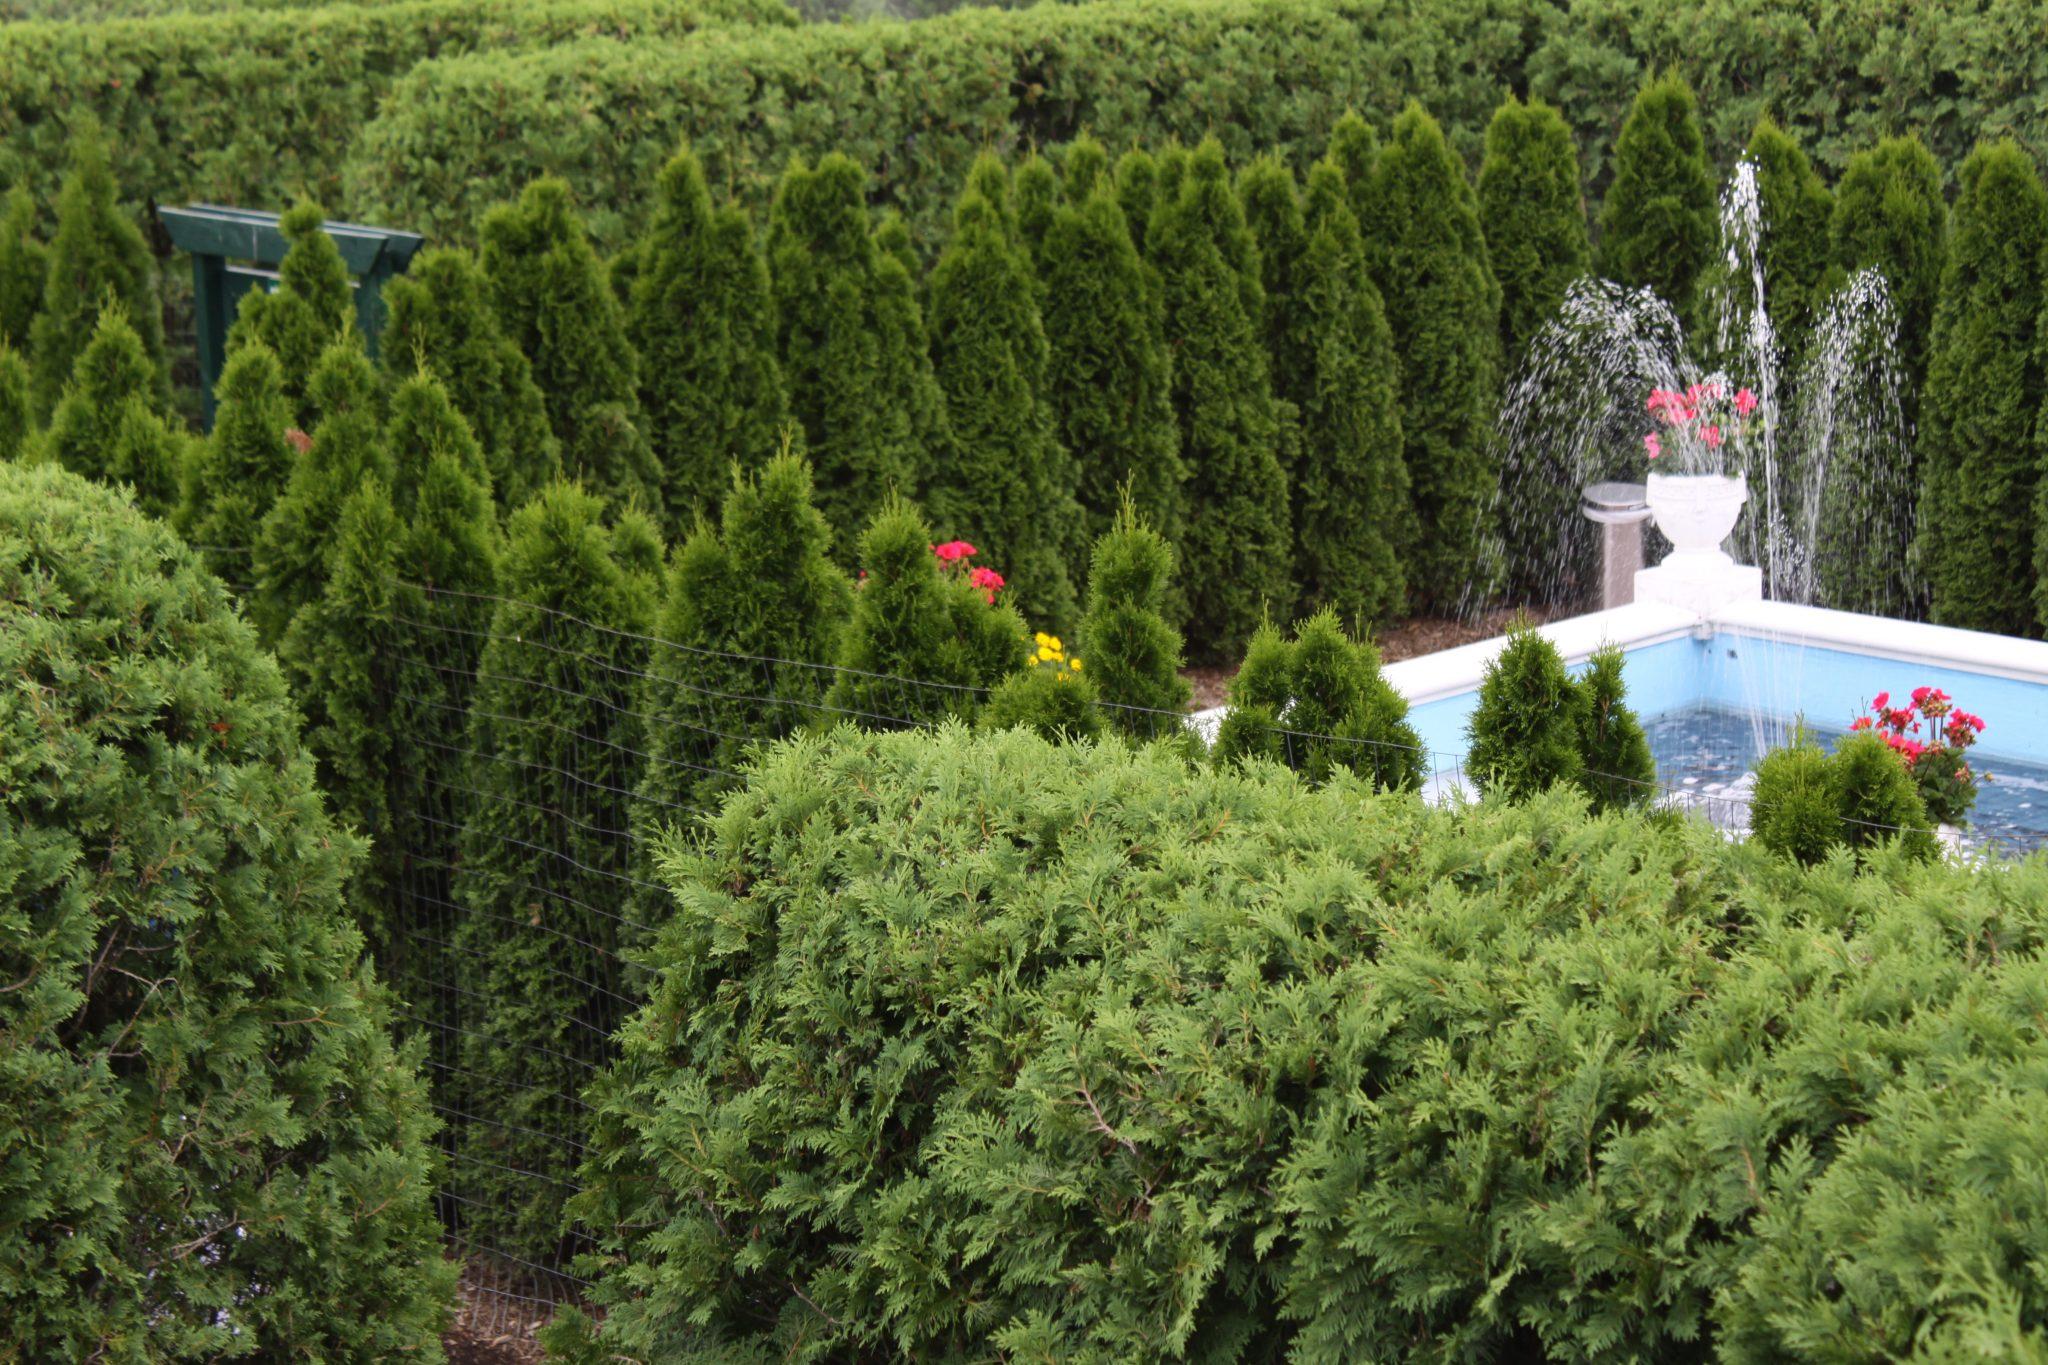 Fence Hidden by Foliage